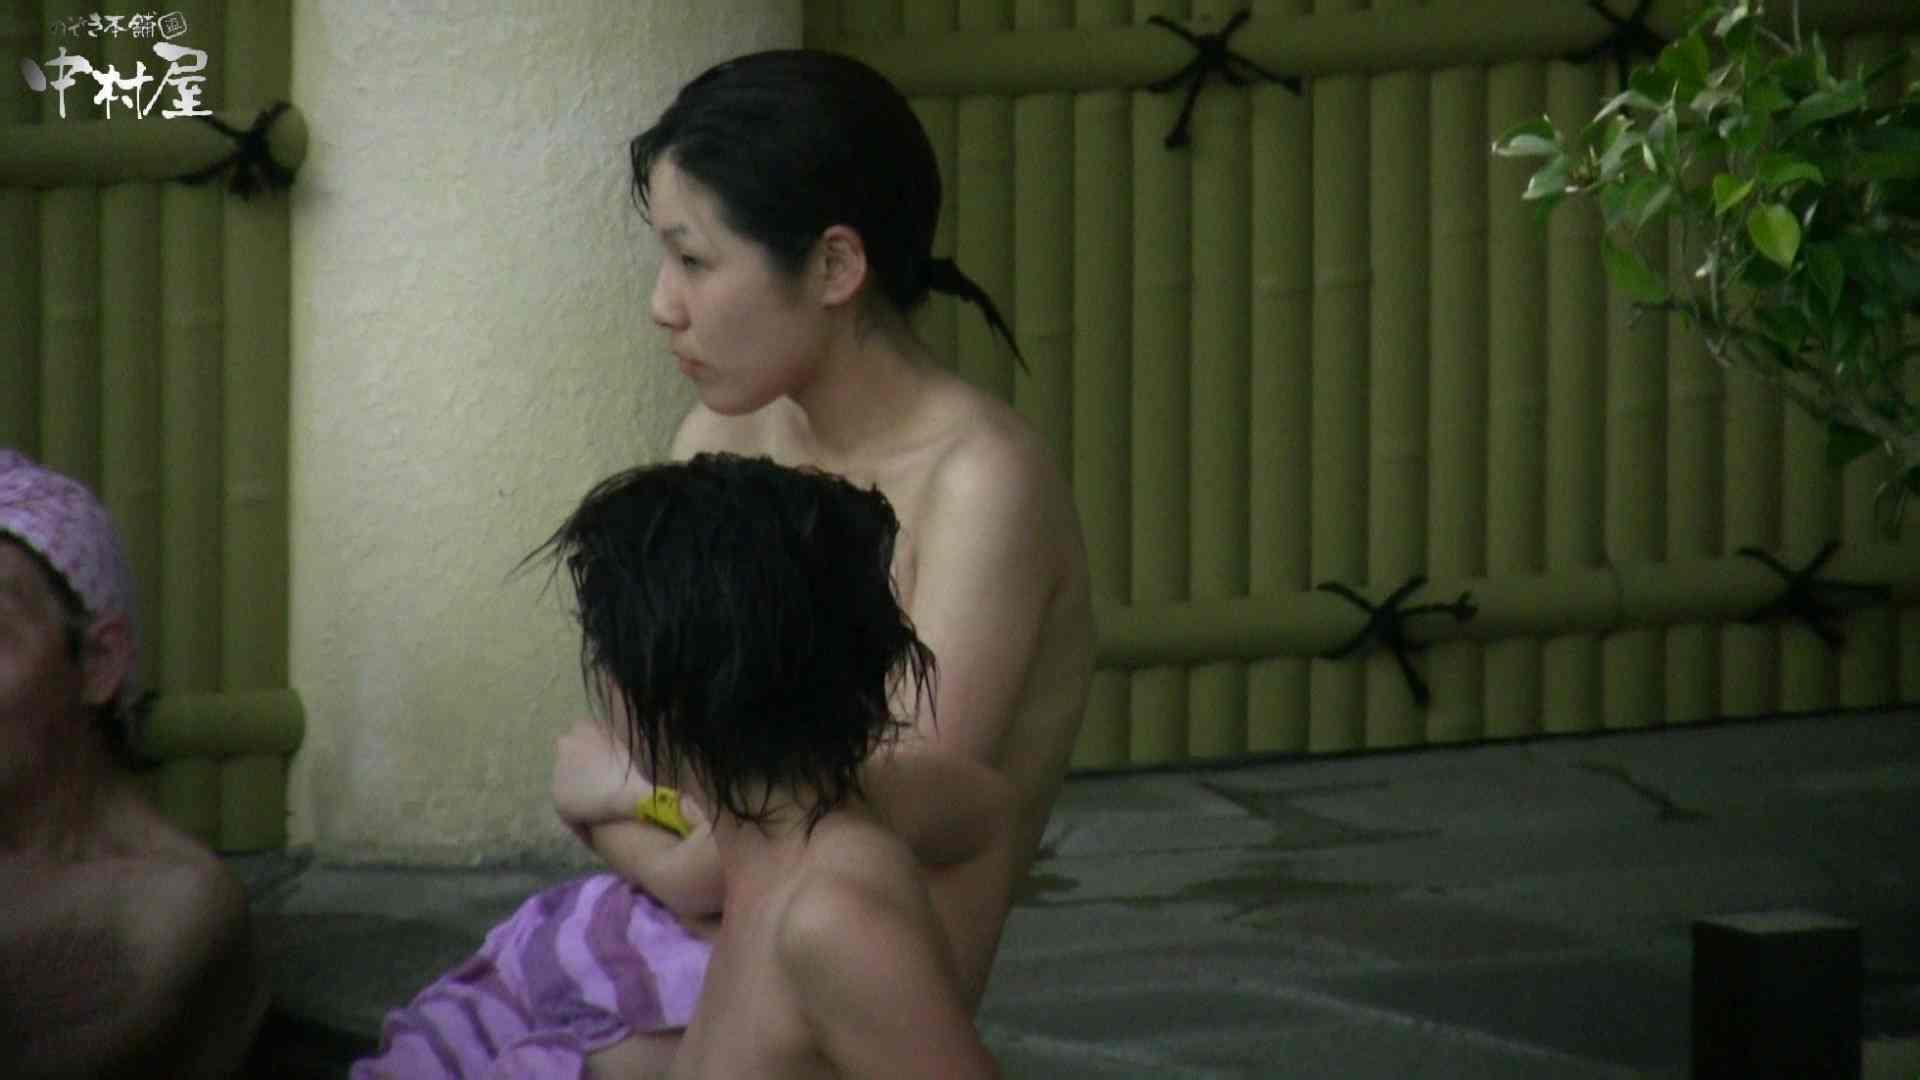 Aquaな露天風呂Vol.983 0  78pic 72